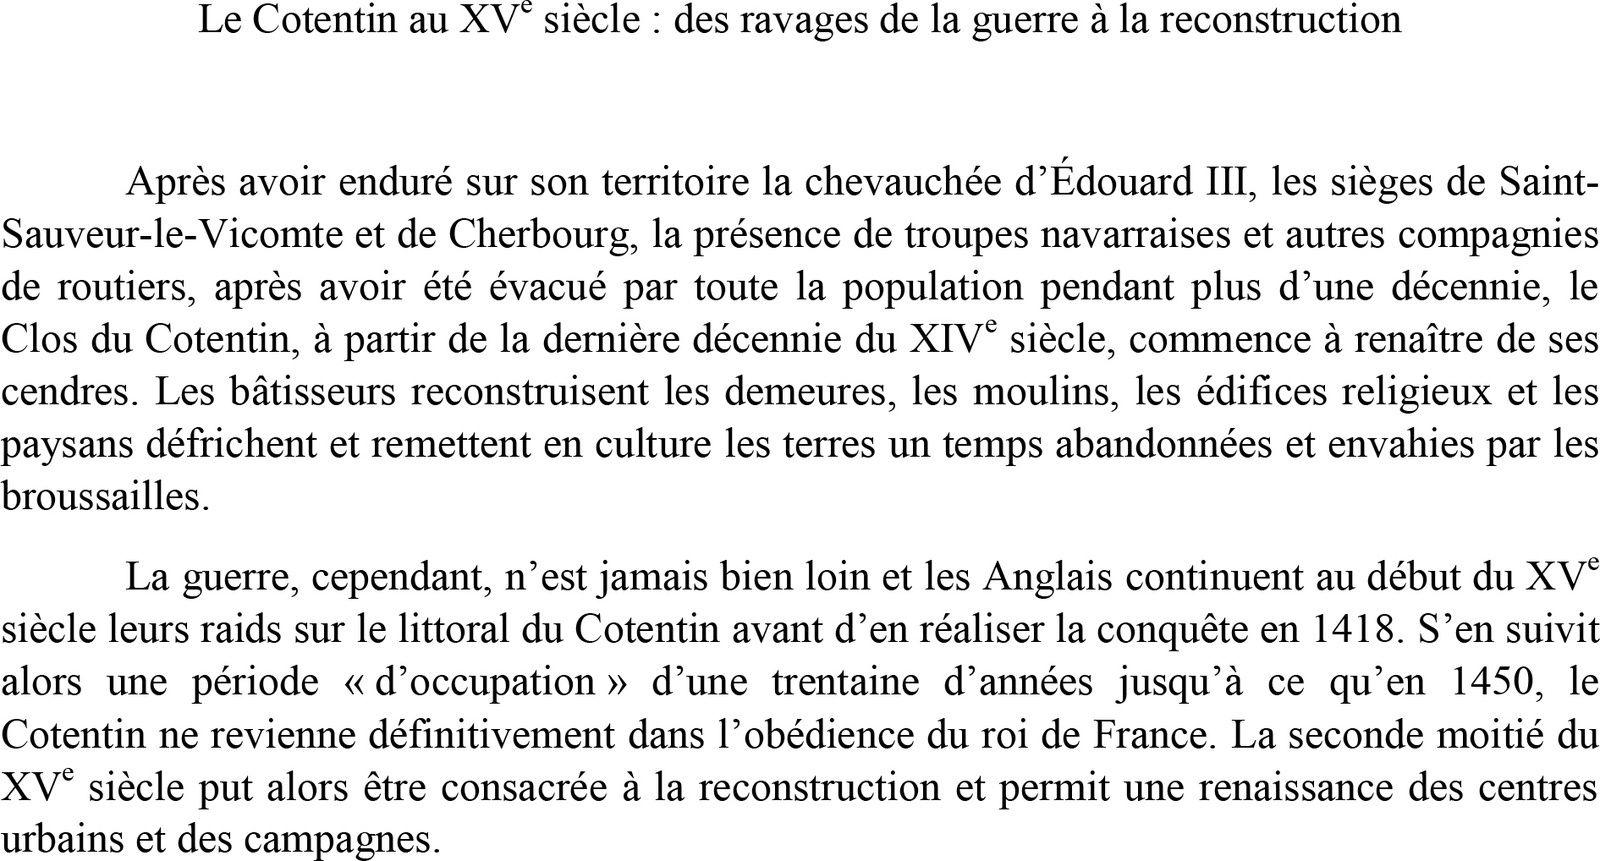 """""""La reconstruction du Cotentin au XVe siècle"""", Nicolas Abraham, SAHM, Saint-Lô, 18 février 2015"""